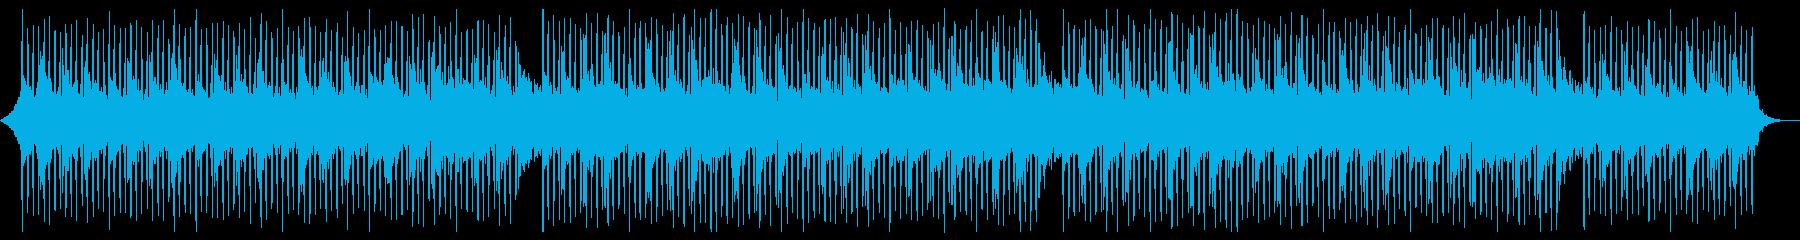 Clear Impressionの再生済みの波形